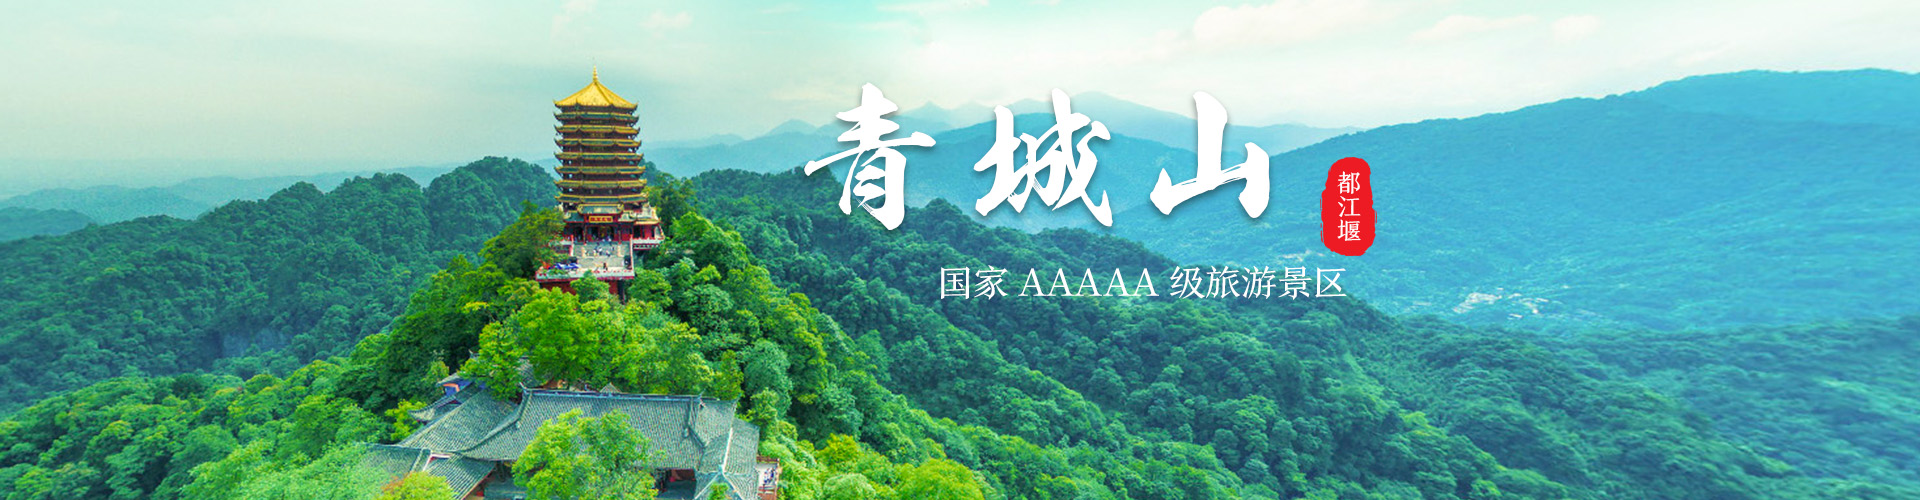 青城山导游词